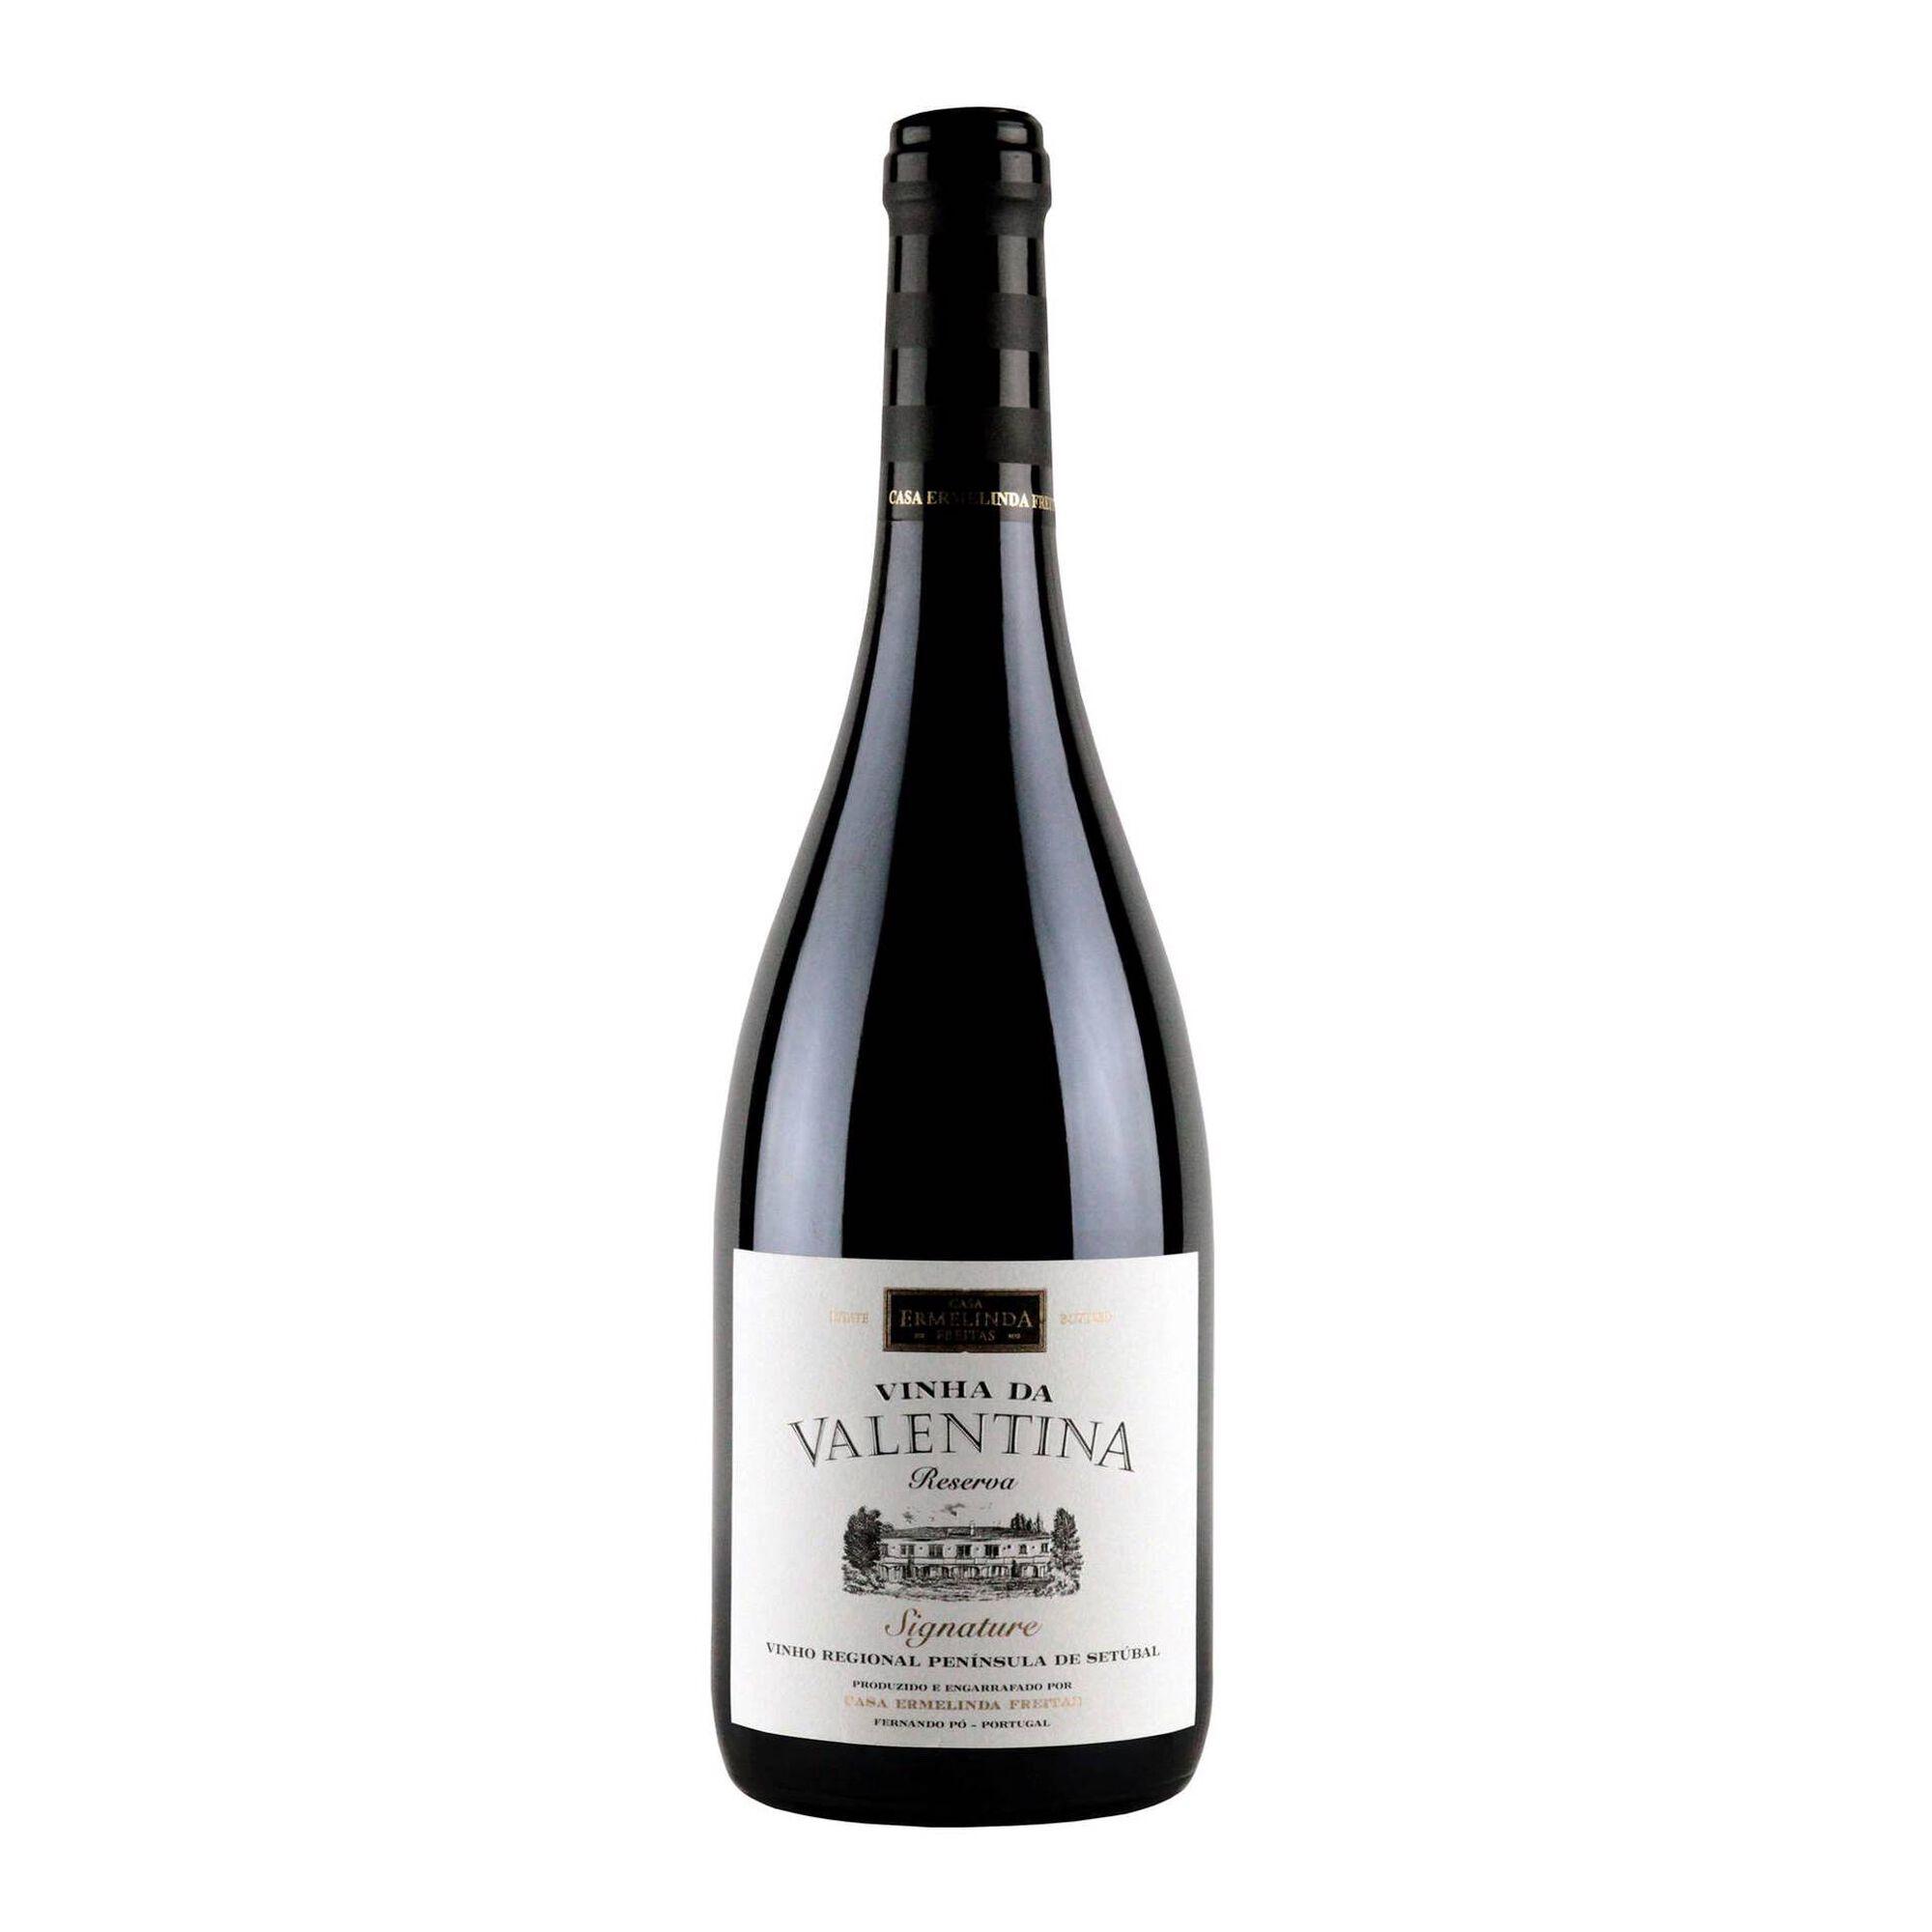 Vinha da Valentina Reserva Signature Regional Península de Setúbal Vinho Tinto